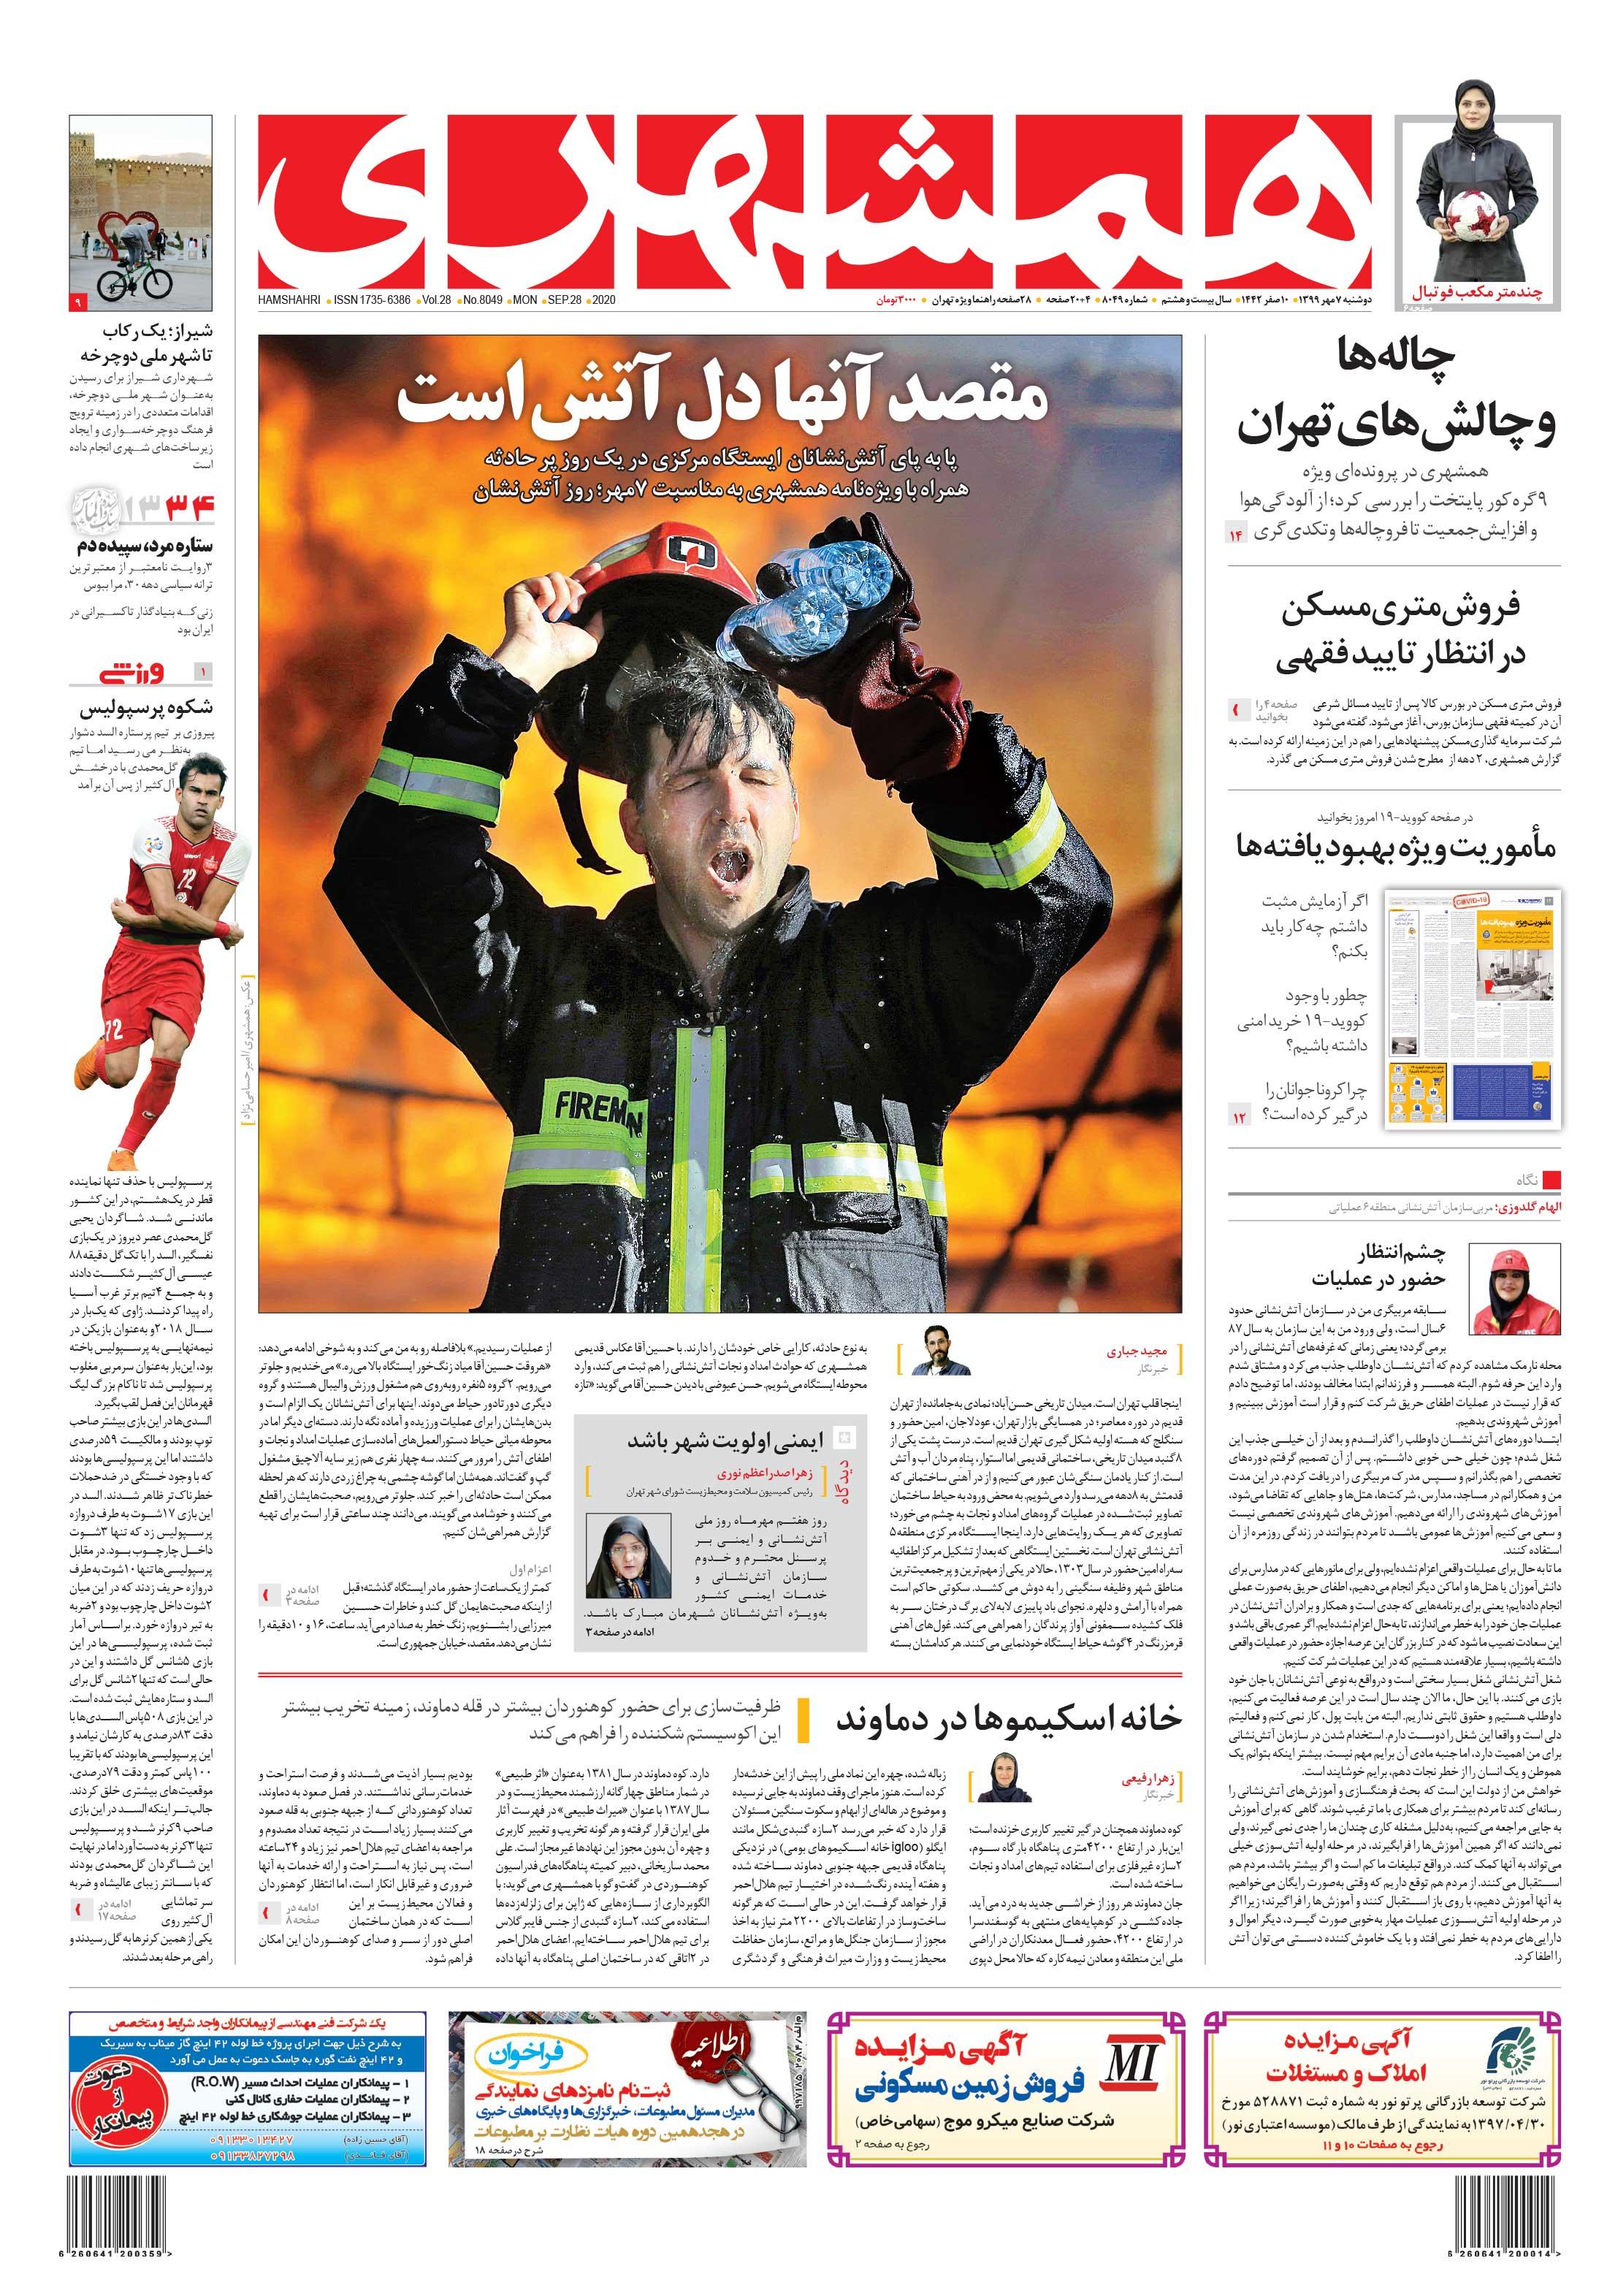 صفحه اول دوشنبه 7 مهر 1399